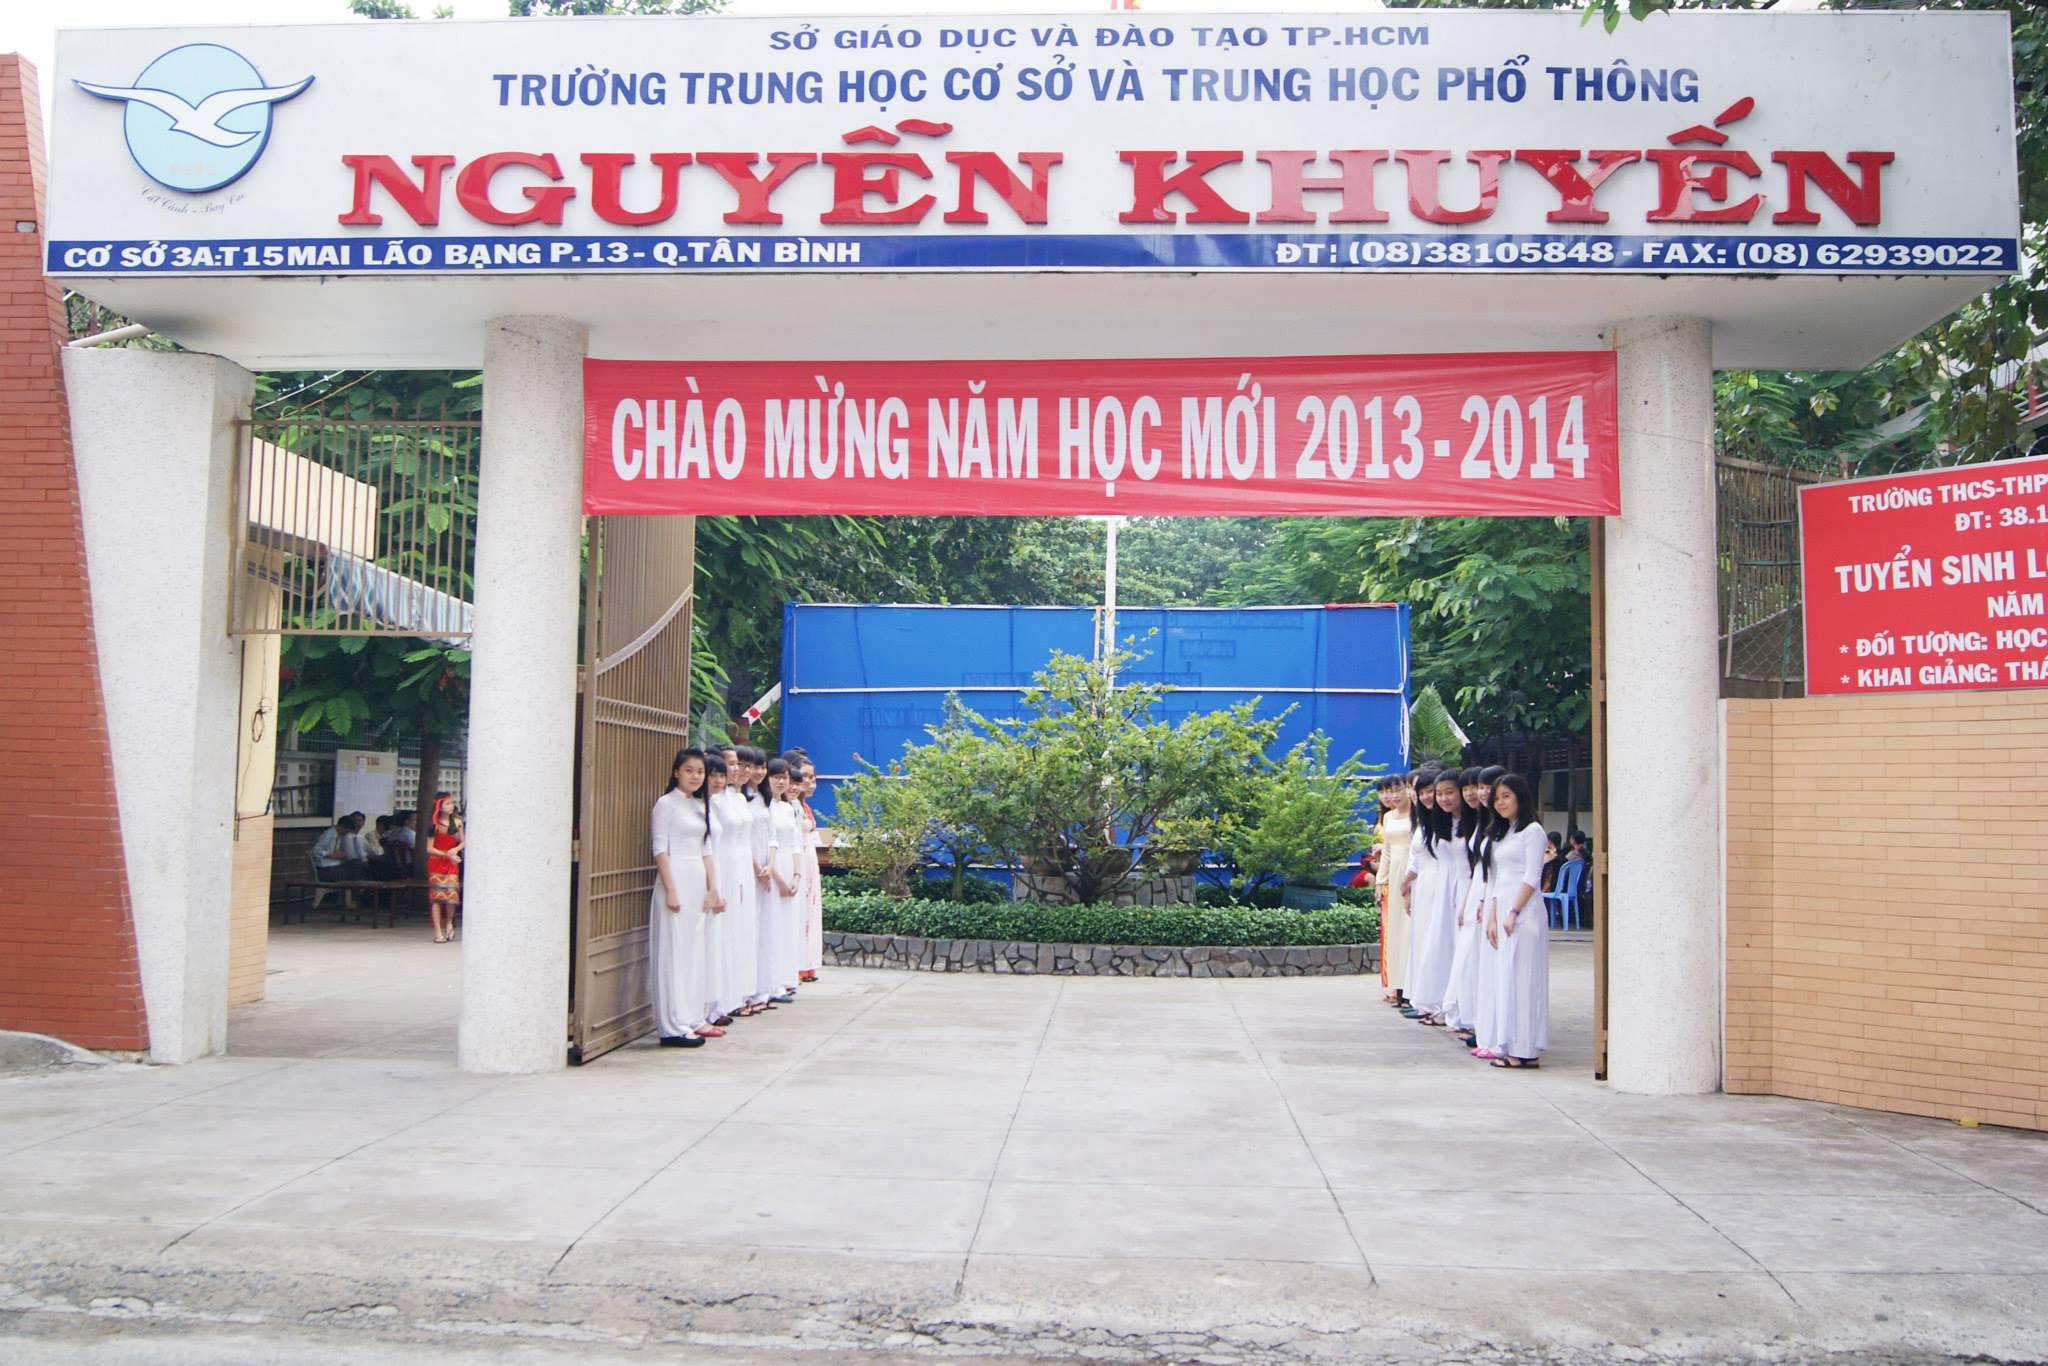 1273898 362879093843928 1332240599 o - Áo sweater đồng phục lớp 11C10 - THPT Nguyễn Khuyến